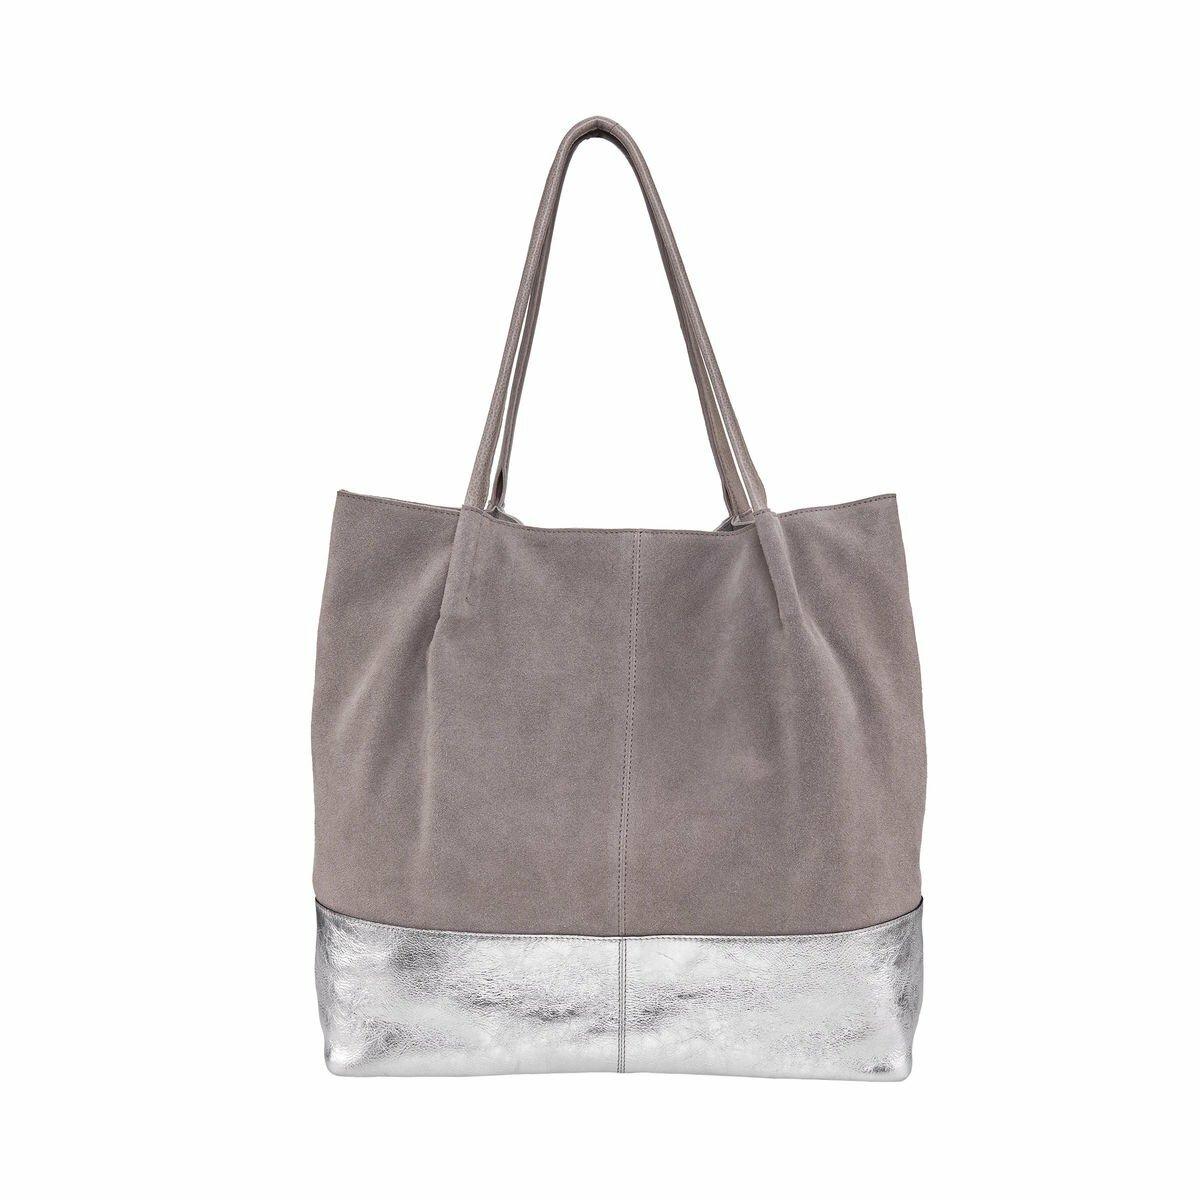 Bild 1 von Echtleder Shopper grau-silber